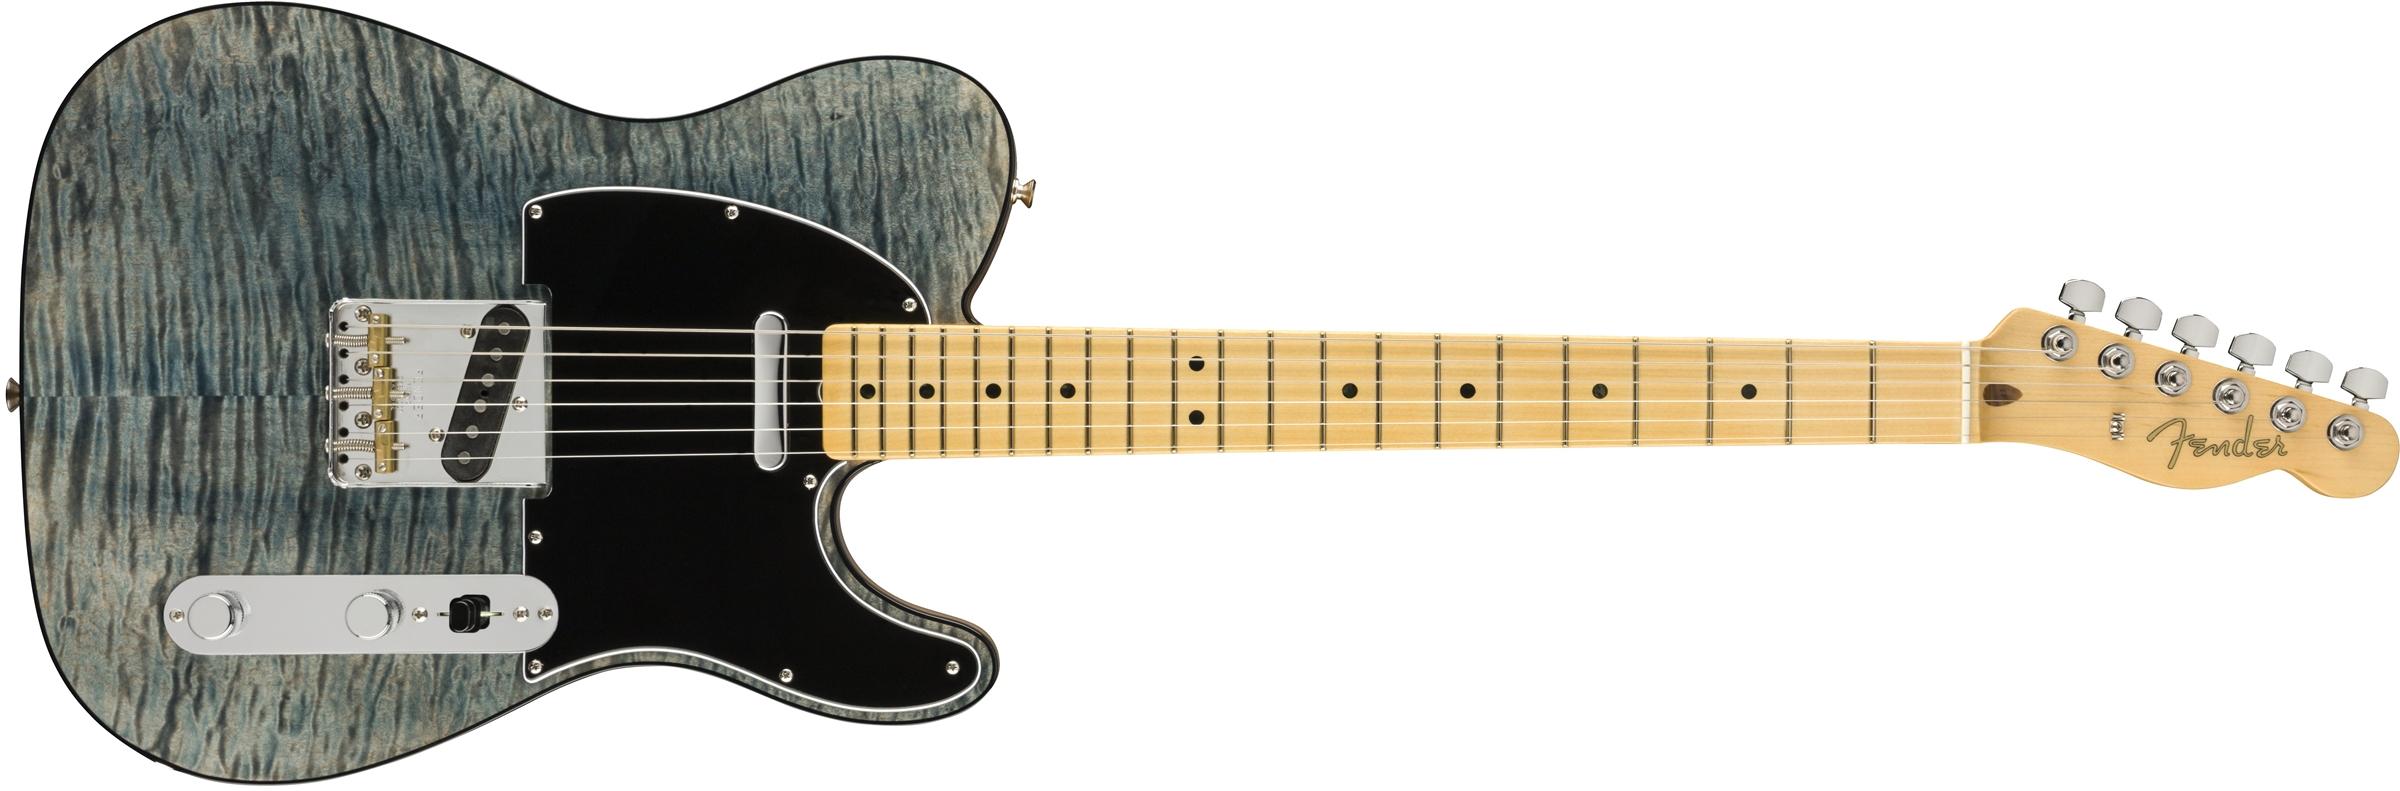 Fender Rarities Quilt Maple Top Telecaster  Blue Cloud